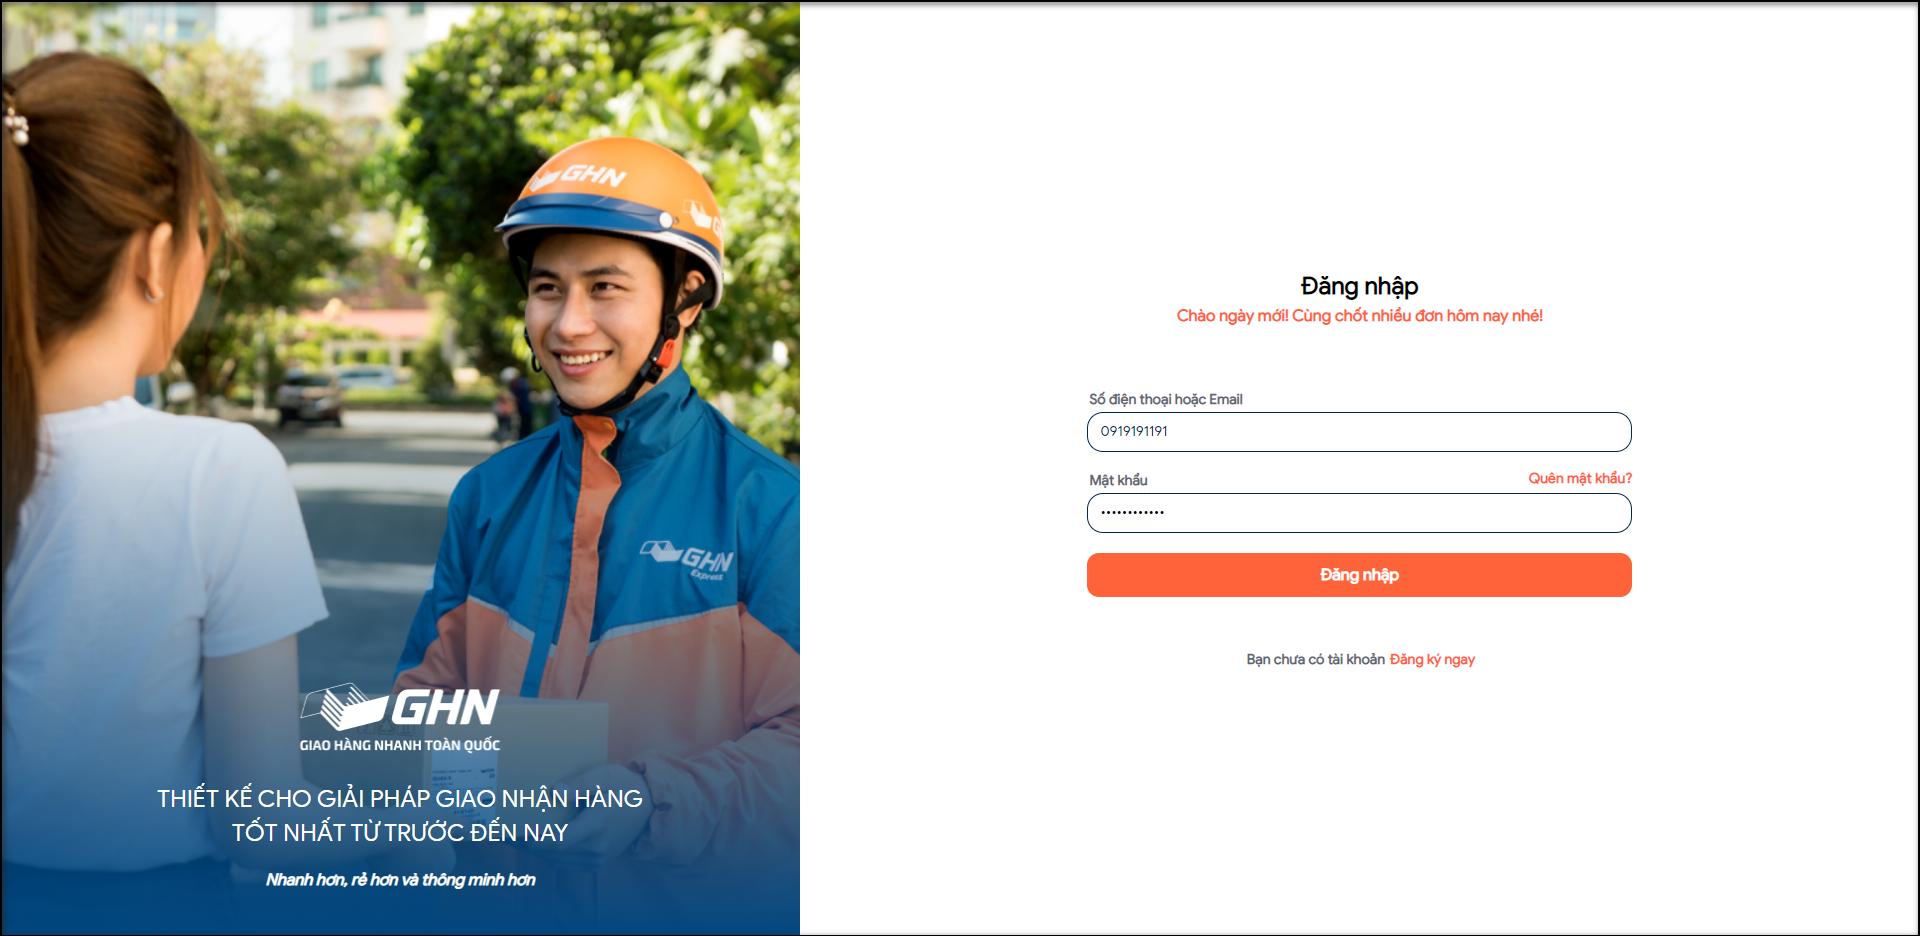 Giao hàng thả ga – chọn ngay GHN trên phần mềm quản lý bán hàng Trustsales.vn